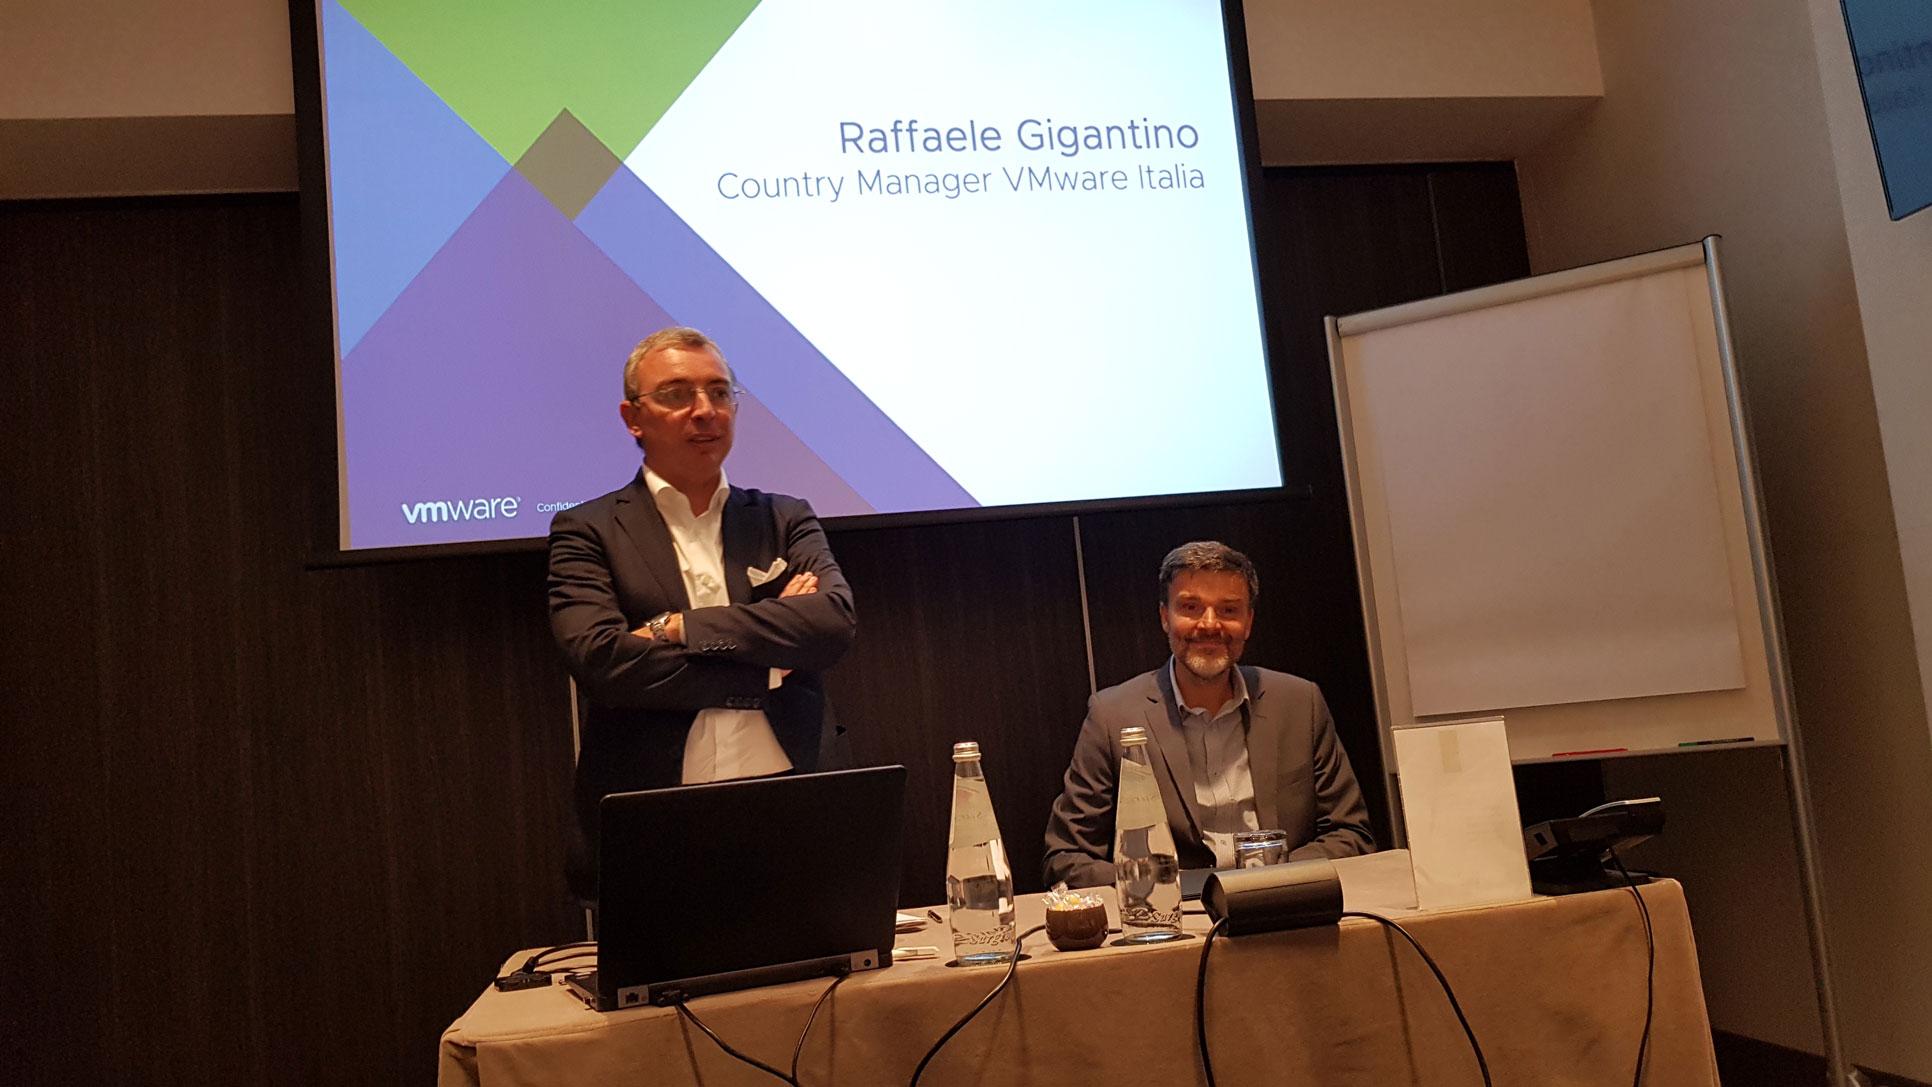 Raffaele Gigantino, Country Manager di VMware Italia e Luca Zerminiani, Sr. Presales Manager di VMware